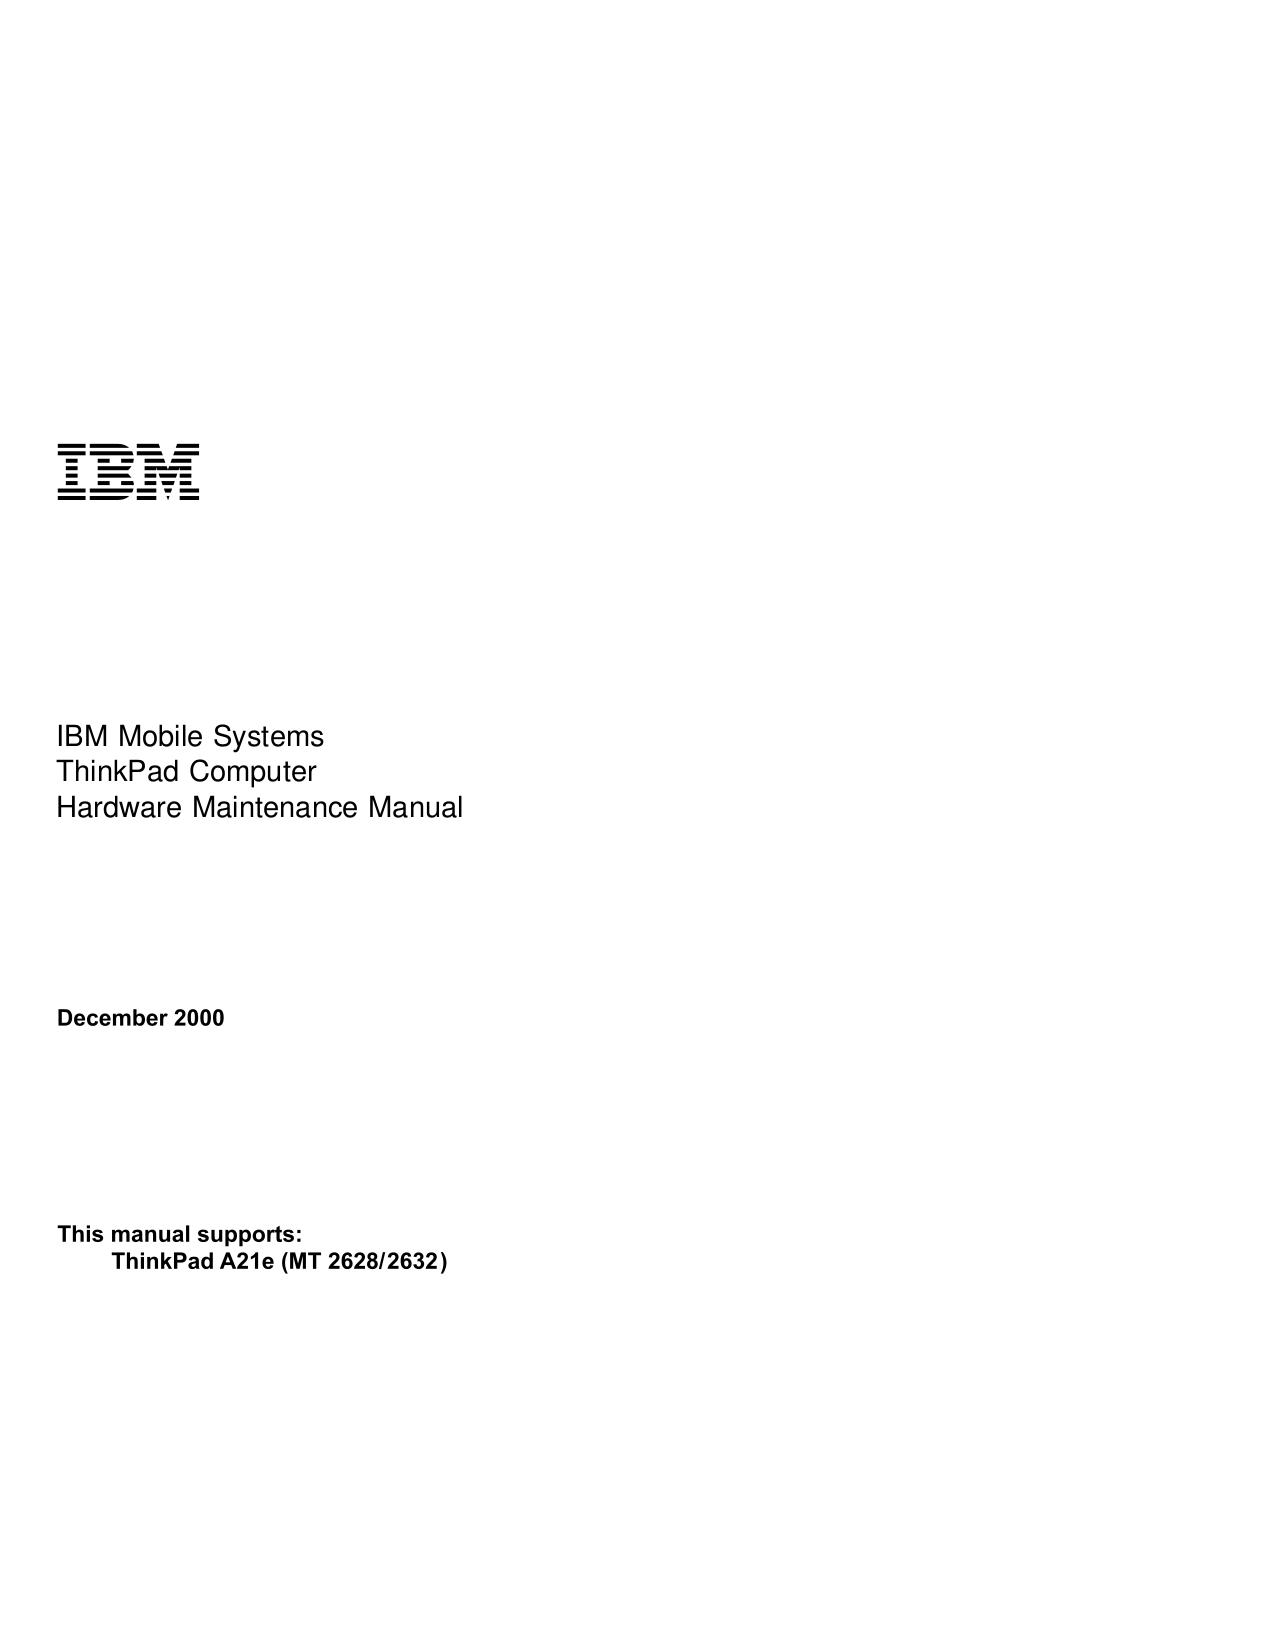 pdf for IBM Laptop ThinkPad A21e manual